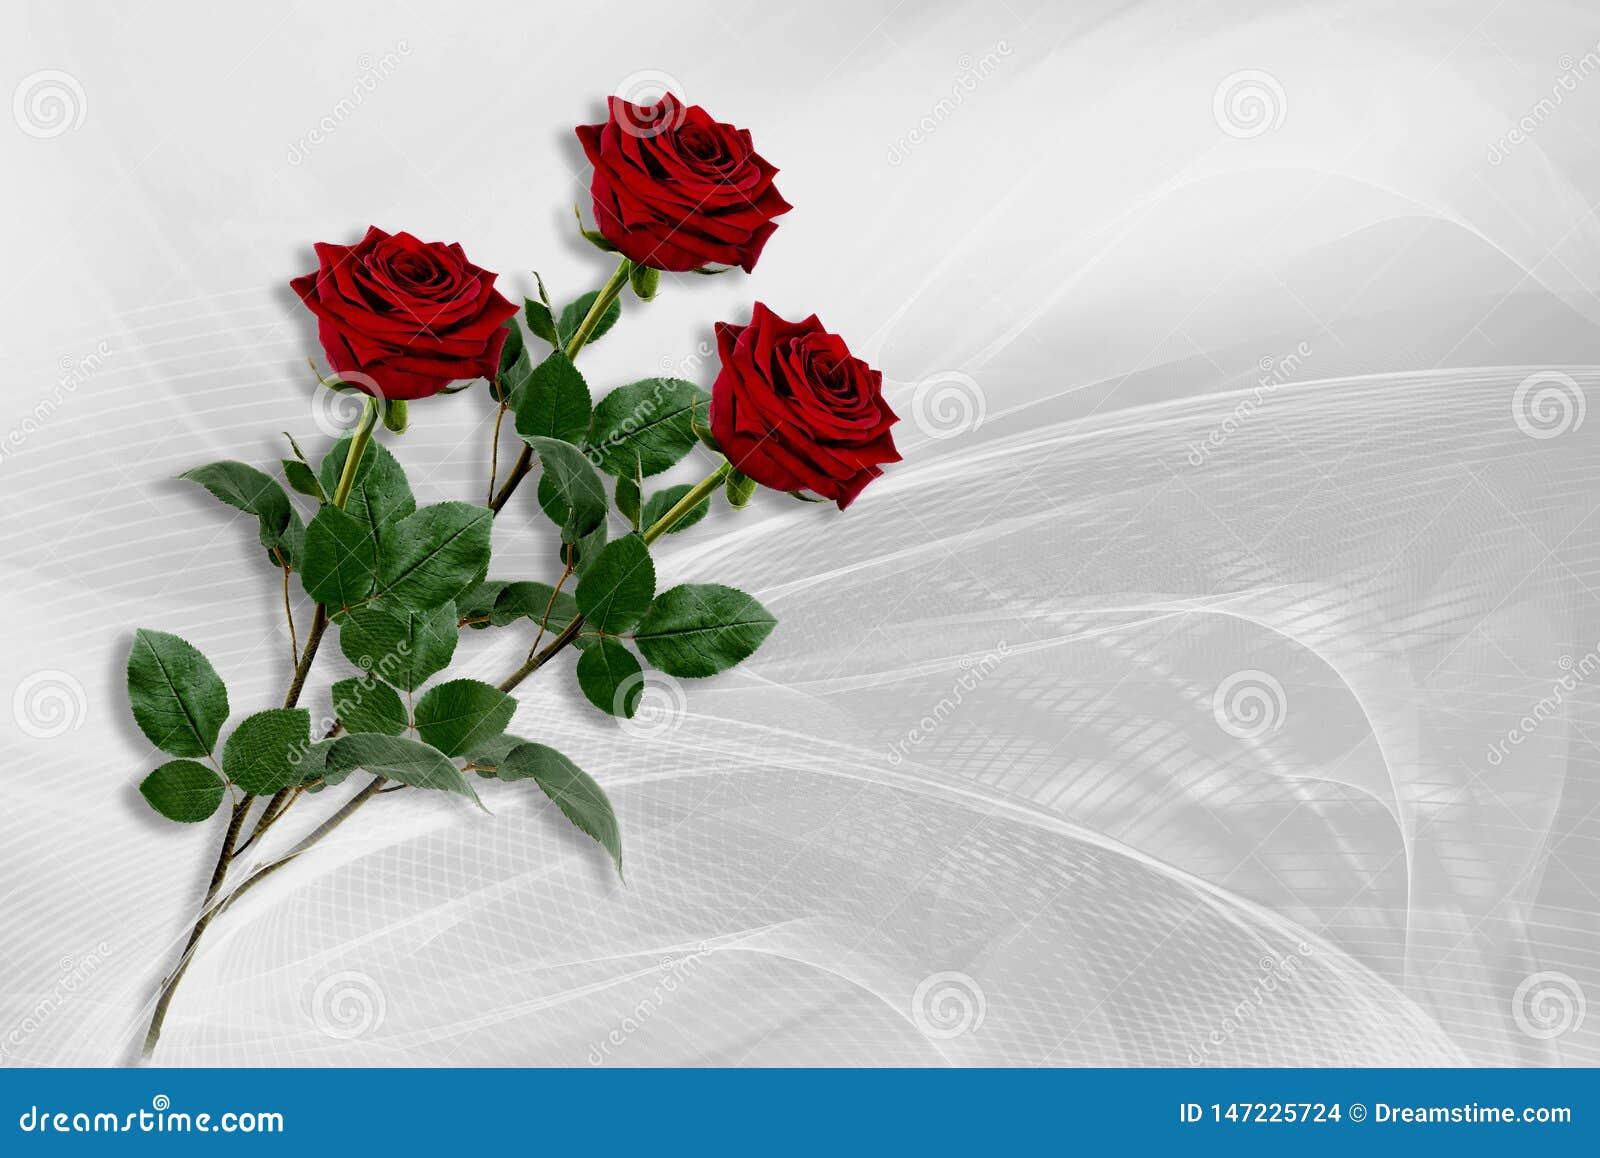 Tre rose rosse si trovano su un fondo grigio